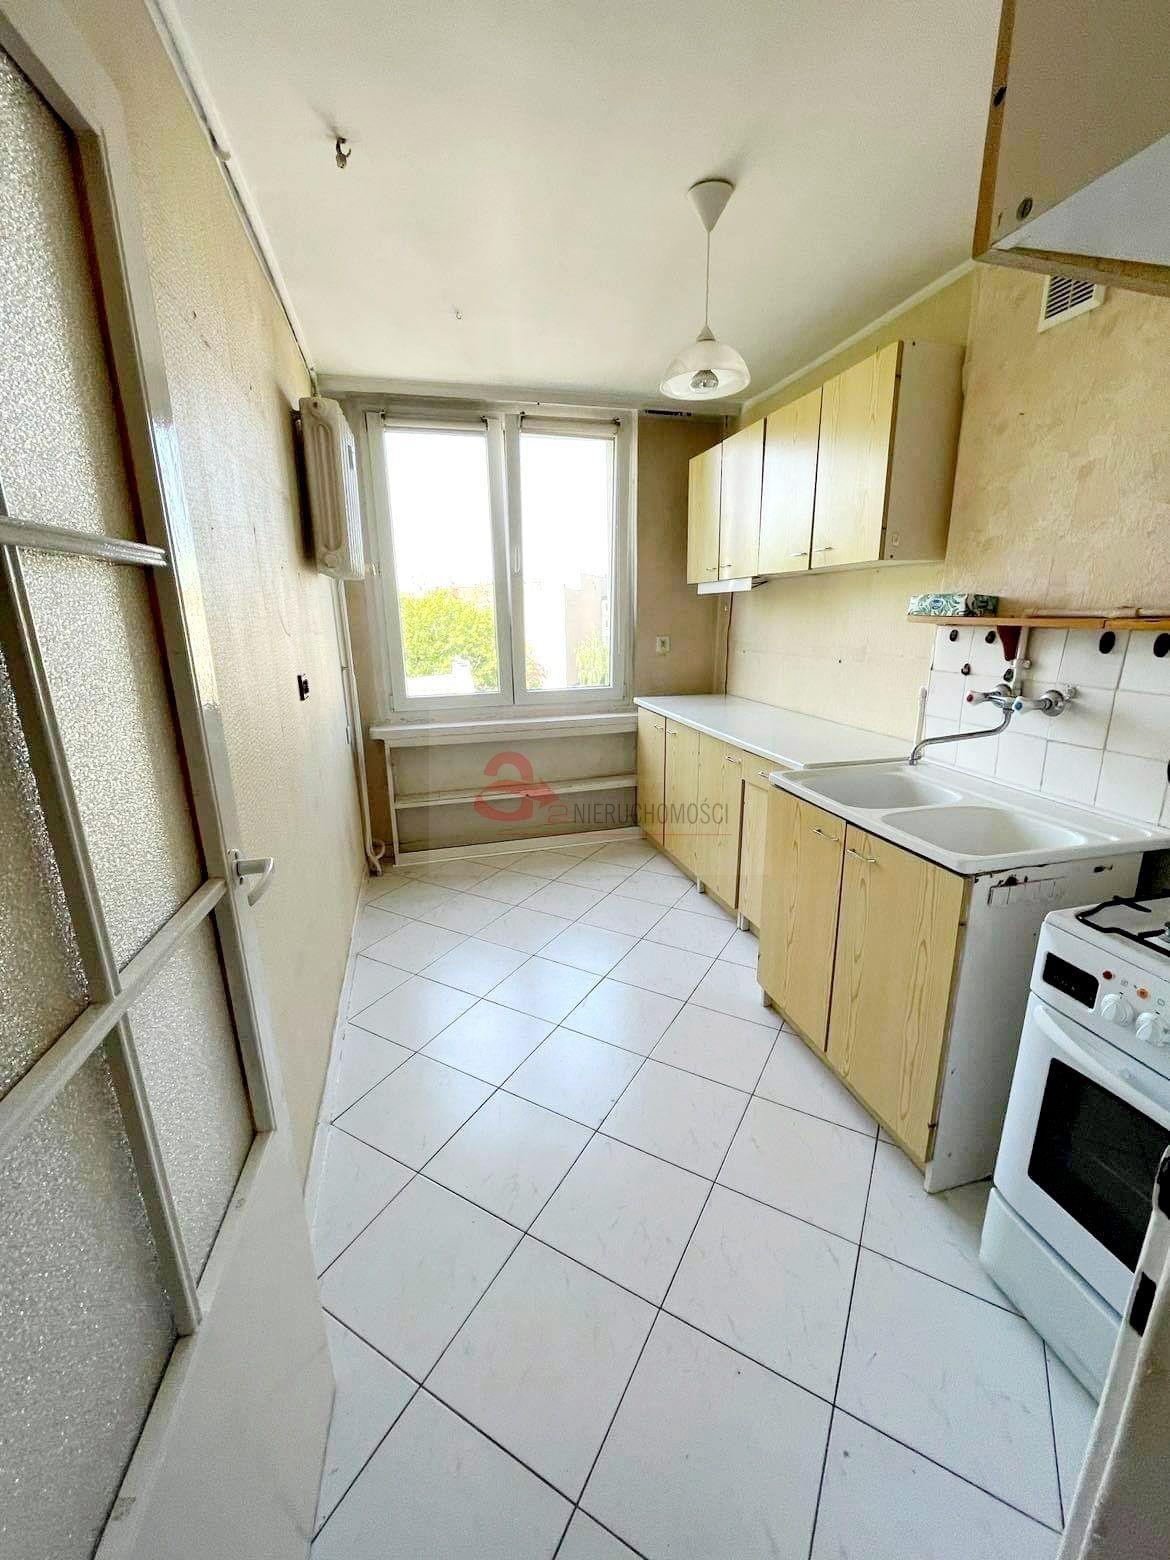 Mieszkanie dwupokojowe na sprzedaż Poznań, Poznań-Stare Miasto, Stare Miasto, Kazimierza Wielkiego  42m2 Foto 9